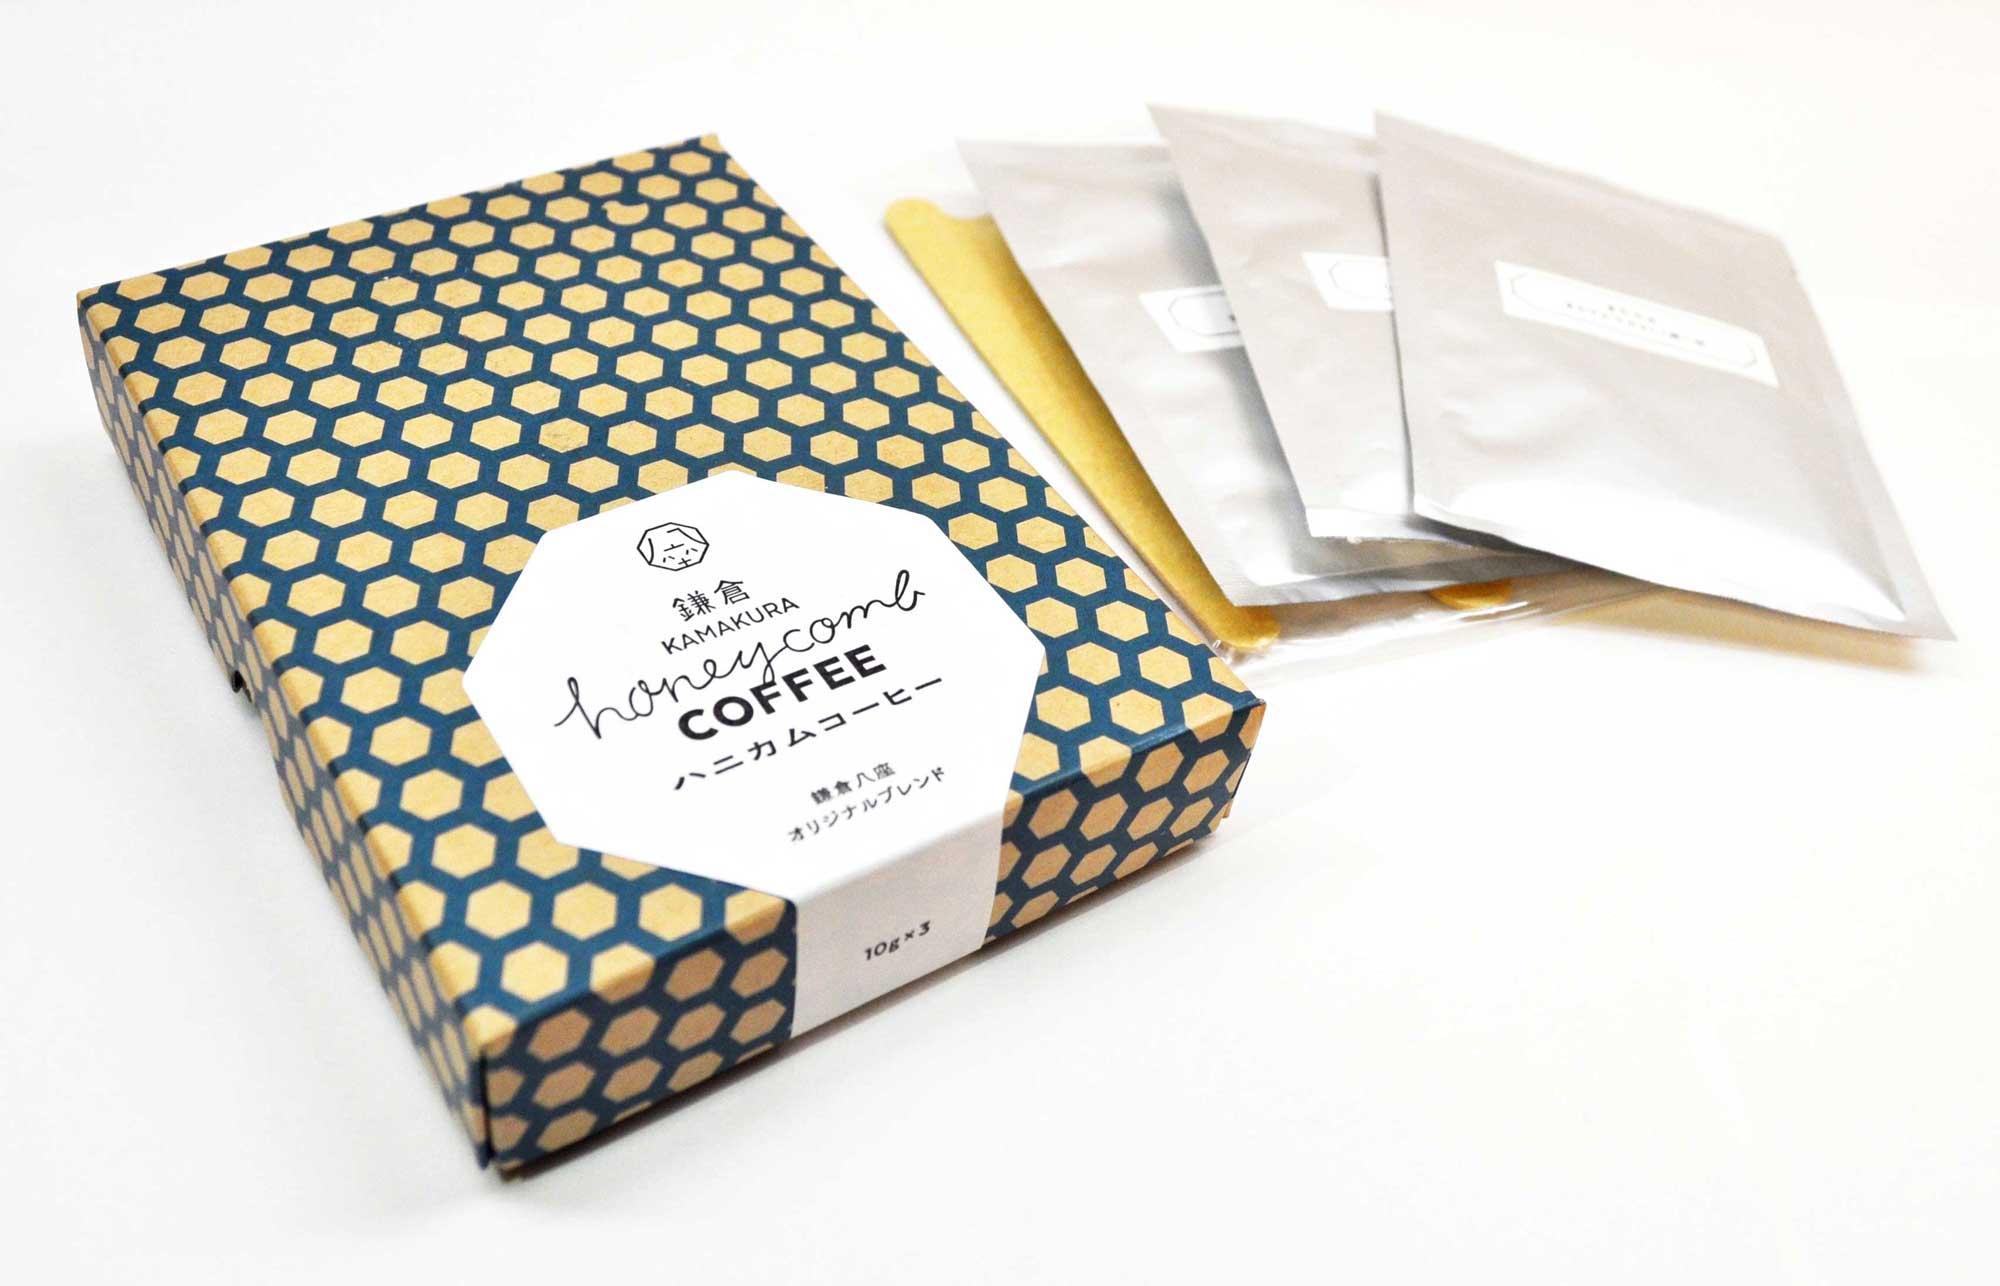 鎌倉 ハニカムコーヒー : 640円(税別)